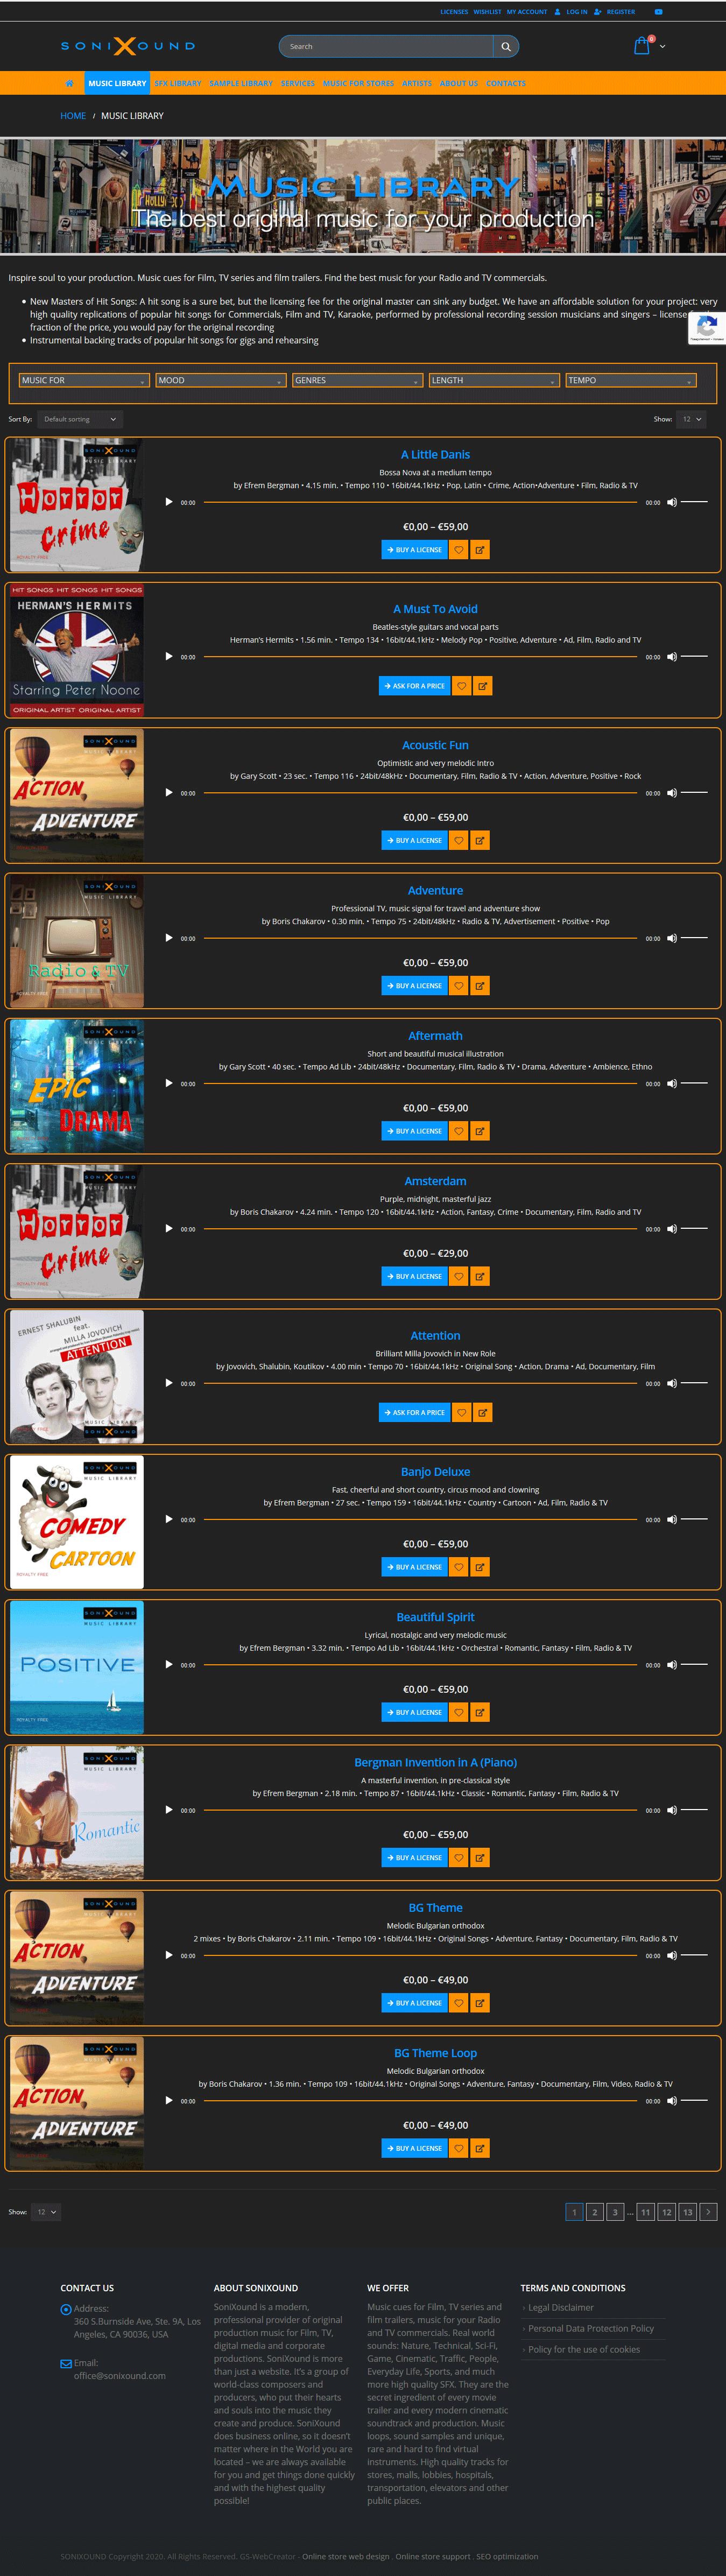 Визия на мултимедийно съдържание в музикалната библиотека на онлайн магазин за продажба на музика, звуци, лупове, изработен от GS-WebCreator